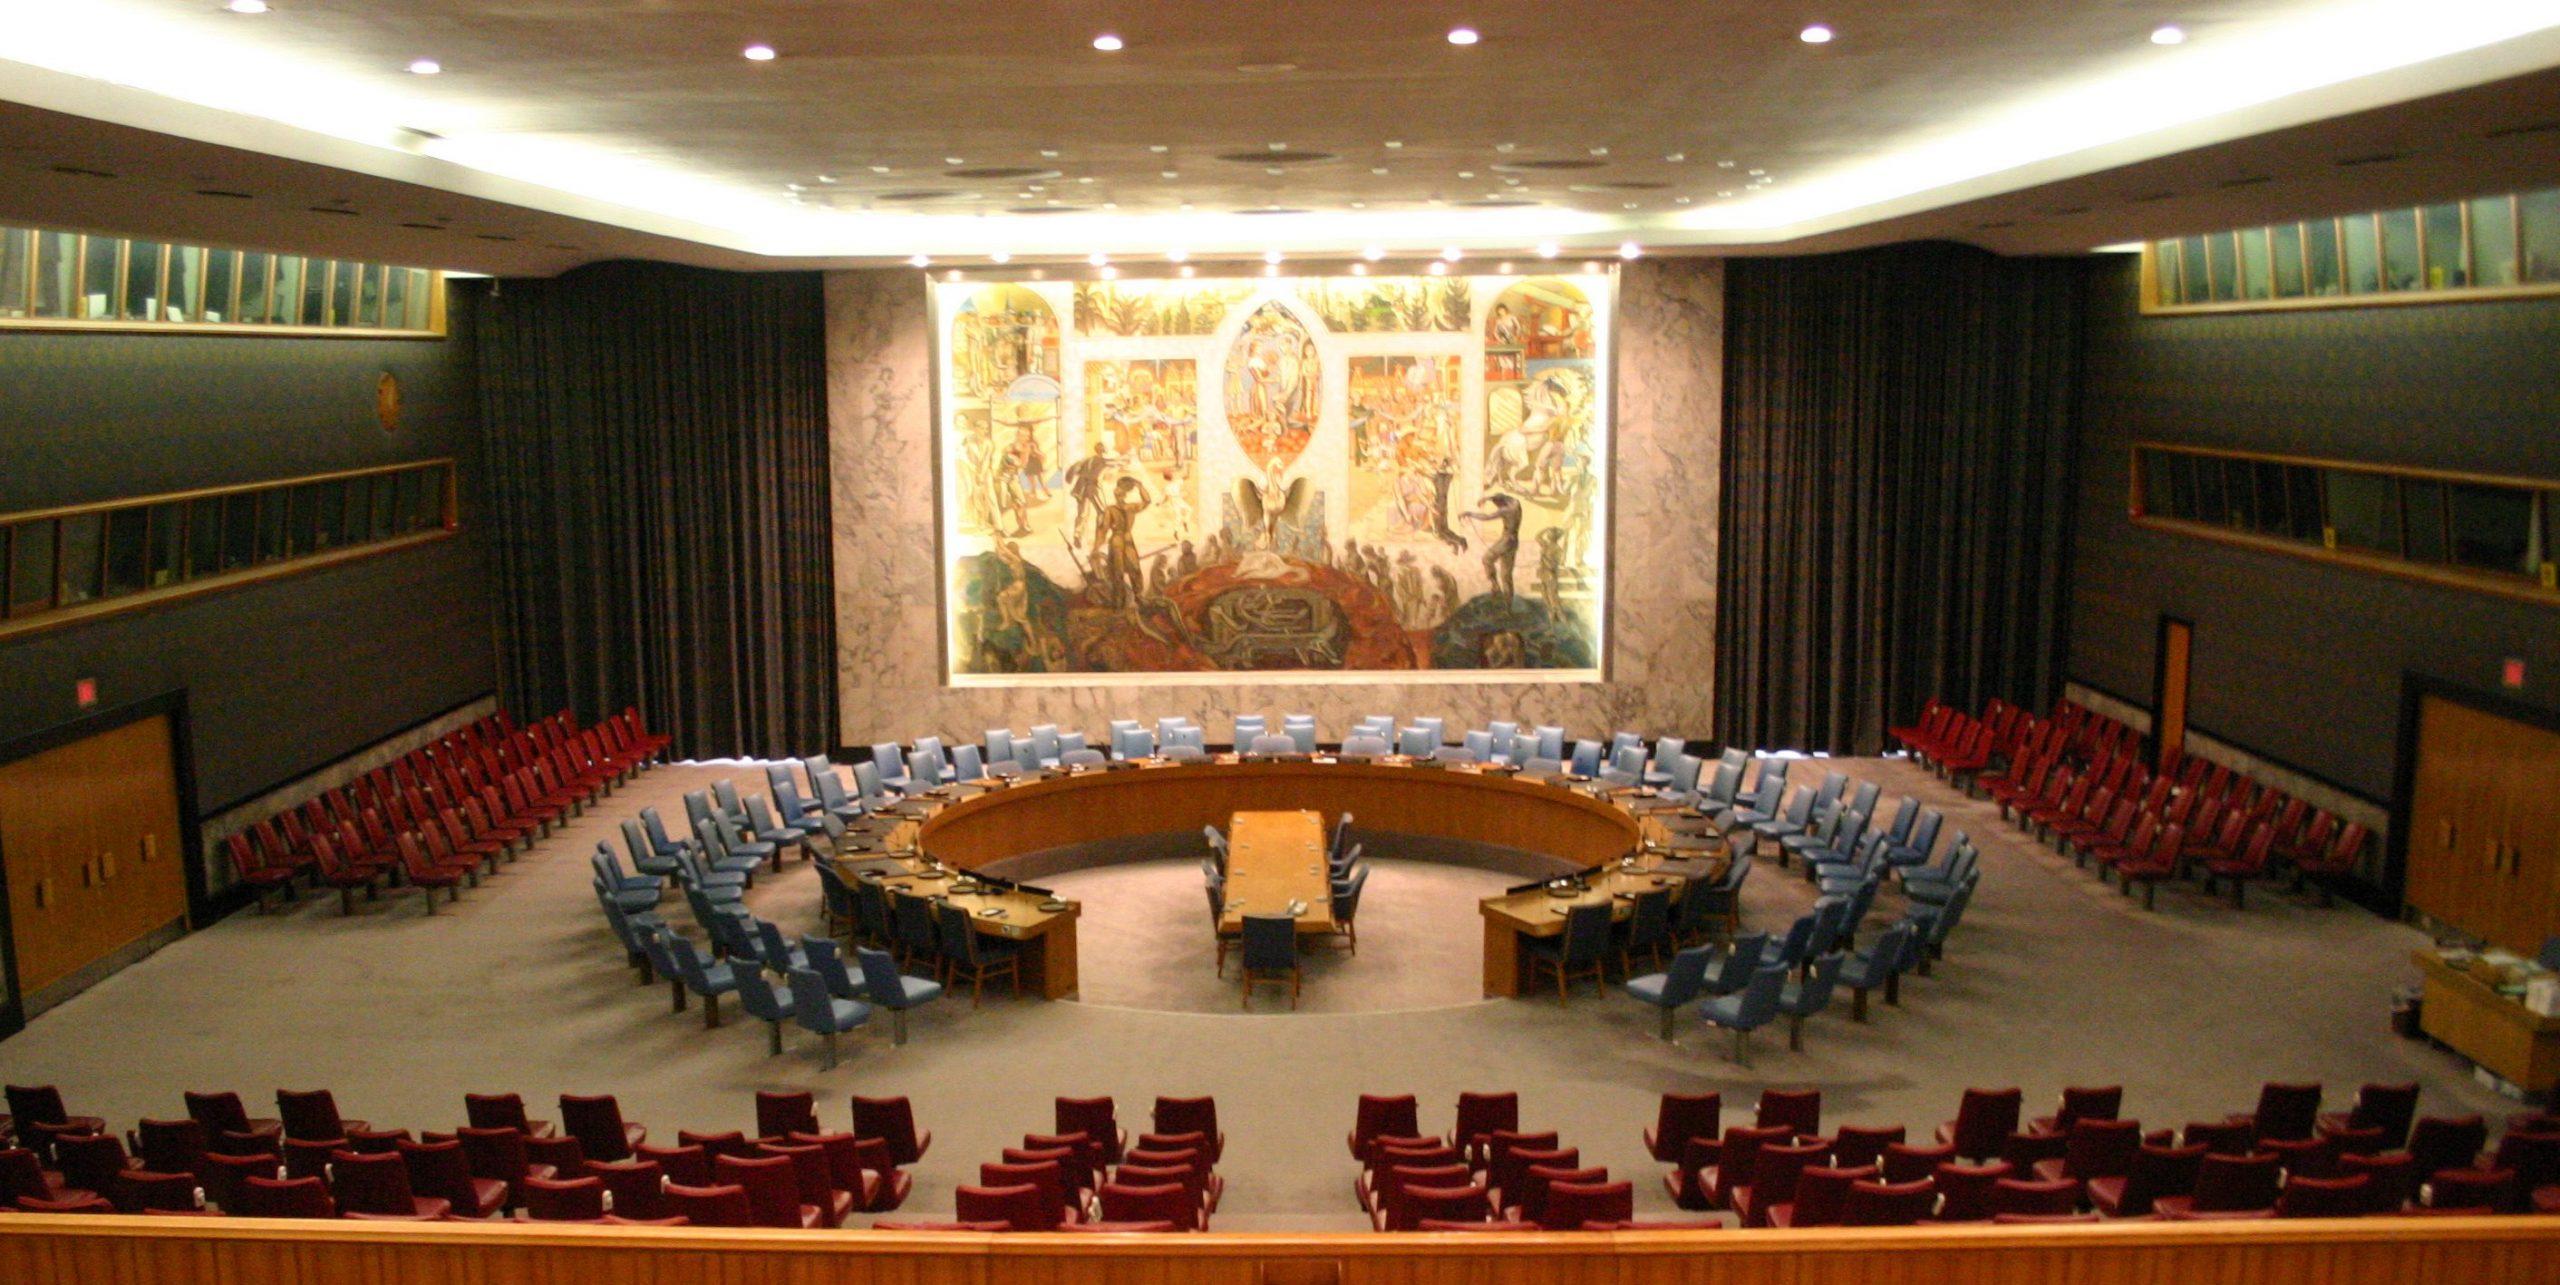 Comunicado de prensa del Consejo de Seguridad de las Naciones Unidas sobre Colombia - United_Nations_Security_Council-scaled